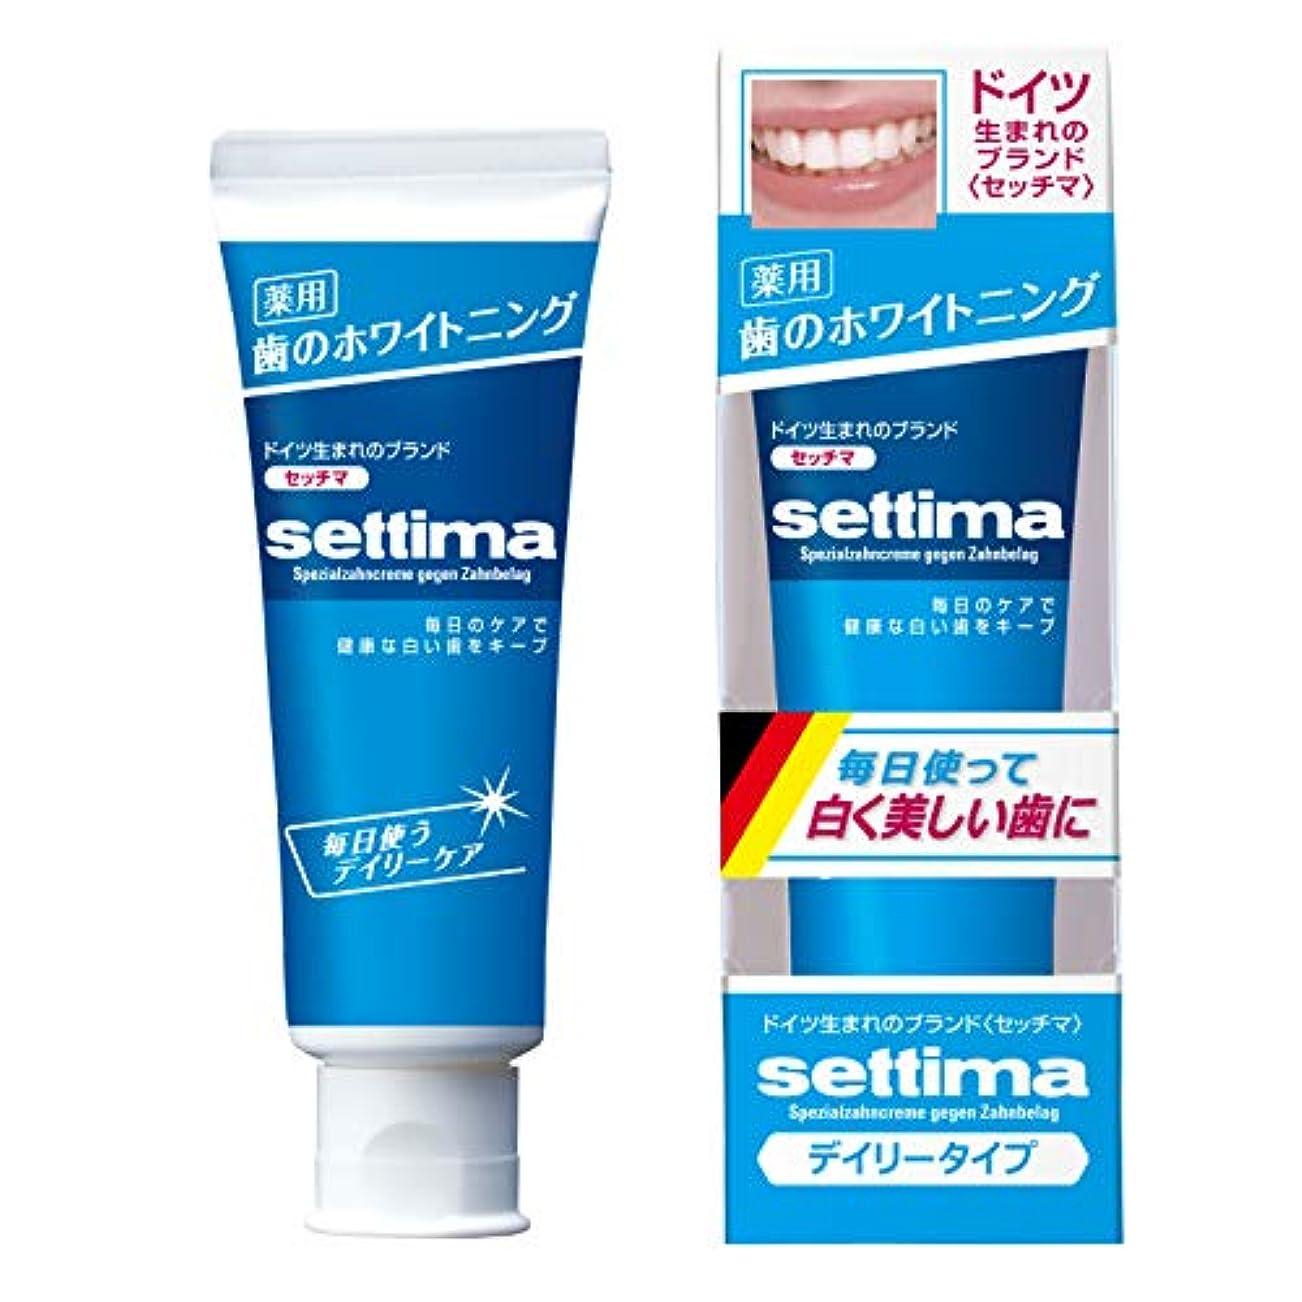 クレーター氷警告settima(セッチマ) ホワイトニング 歯みがき デイリーケア [ファインミントタイプ]  80g